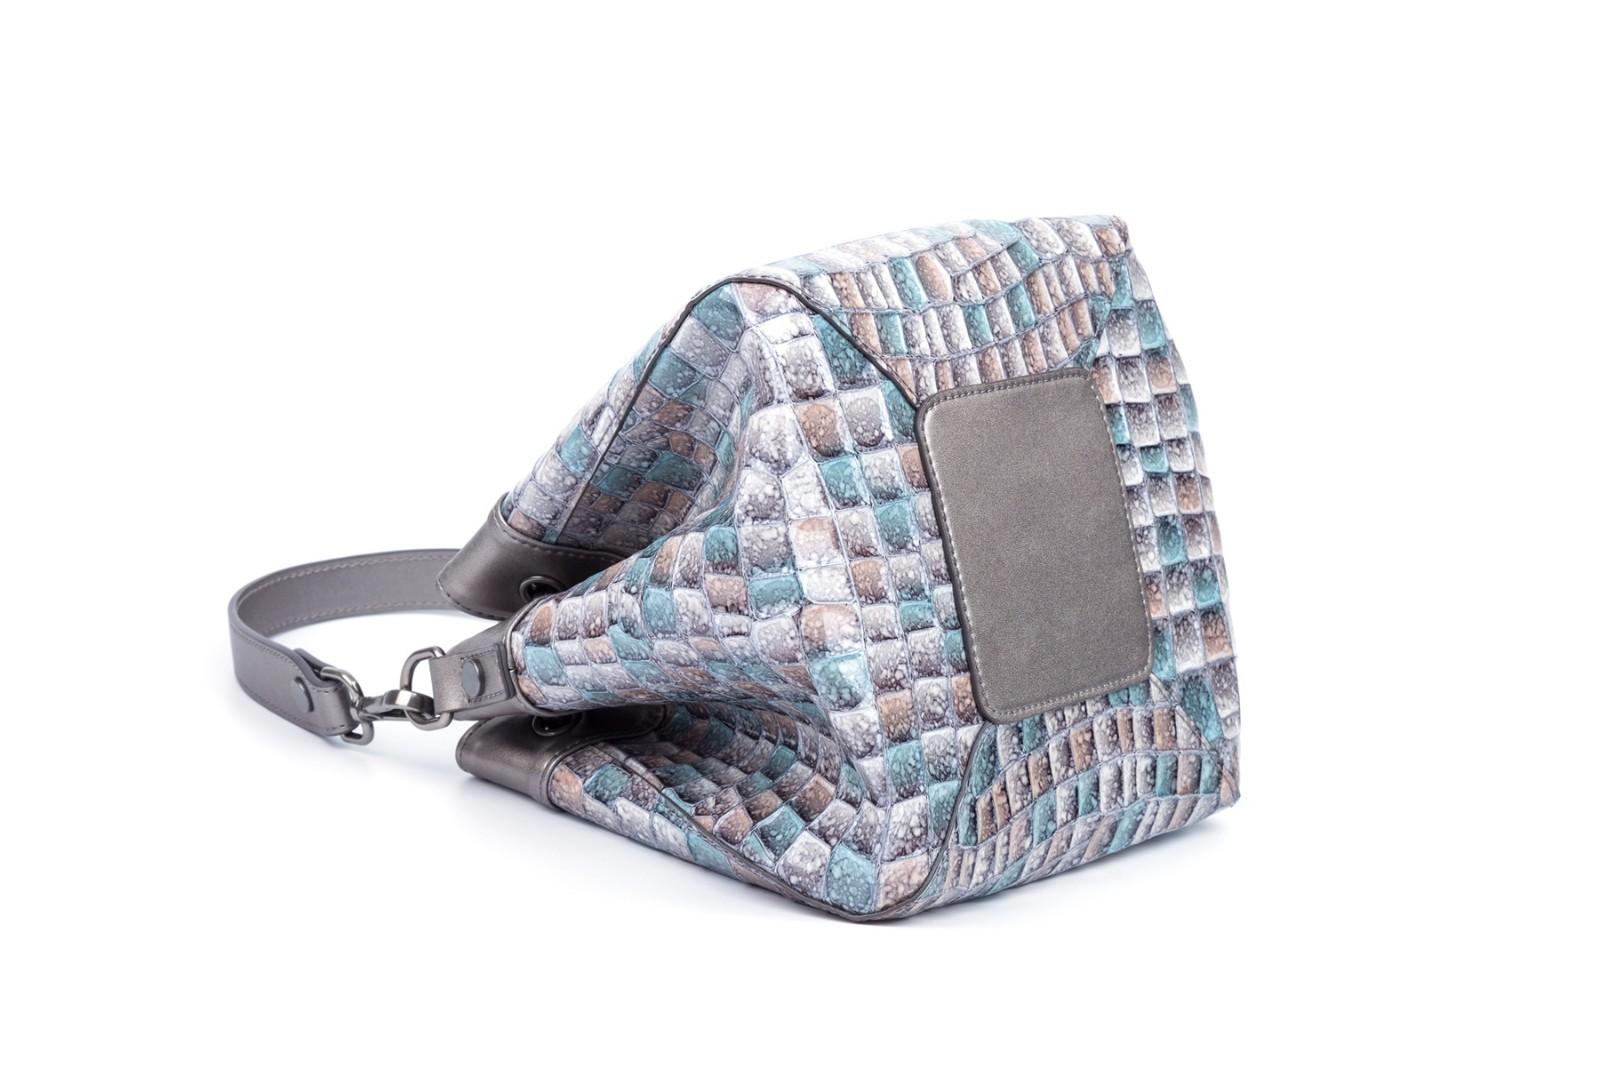 GF bags-Best Shoulder Bags Online Ladies Small Shoulder Bags - GF Bags-8